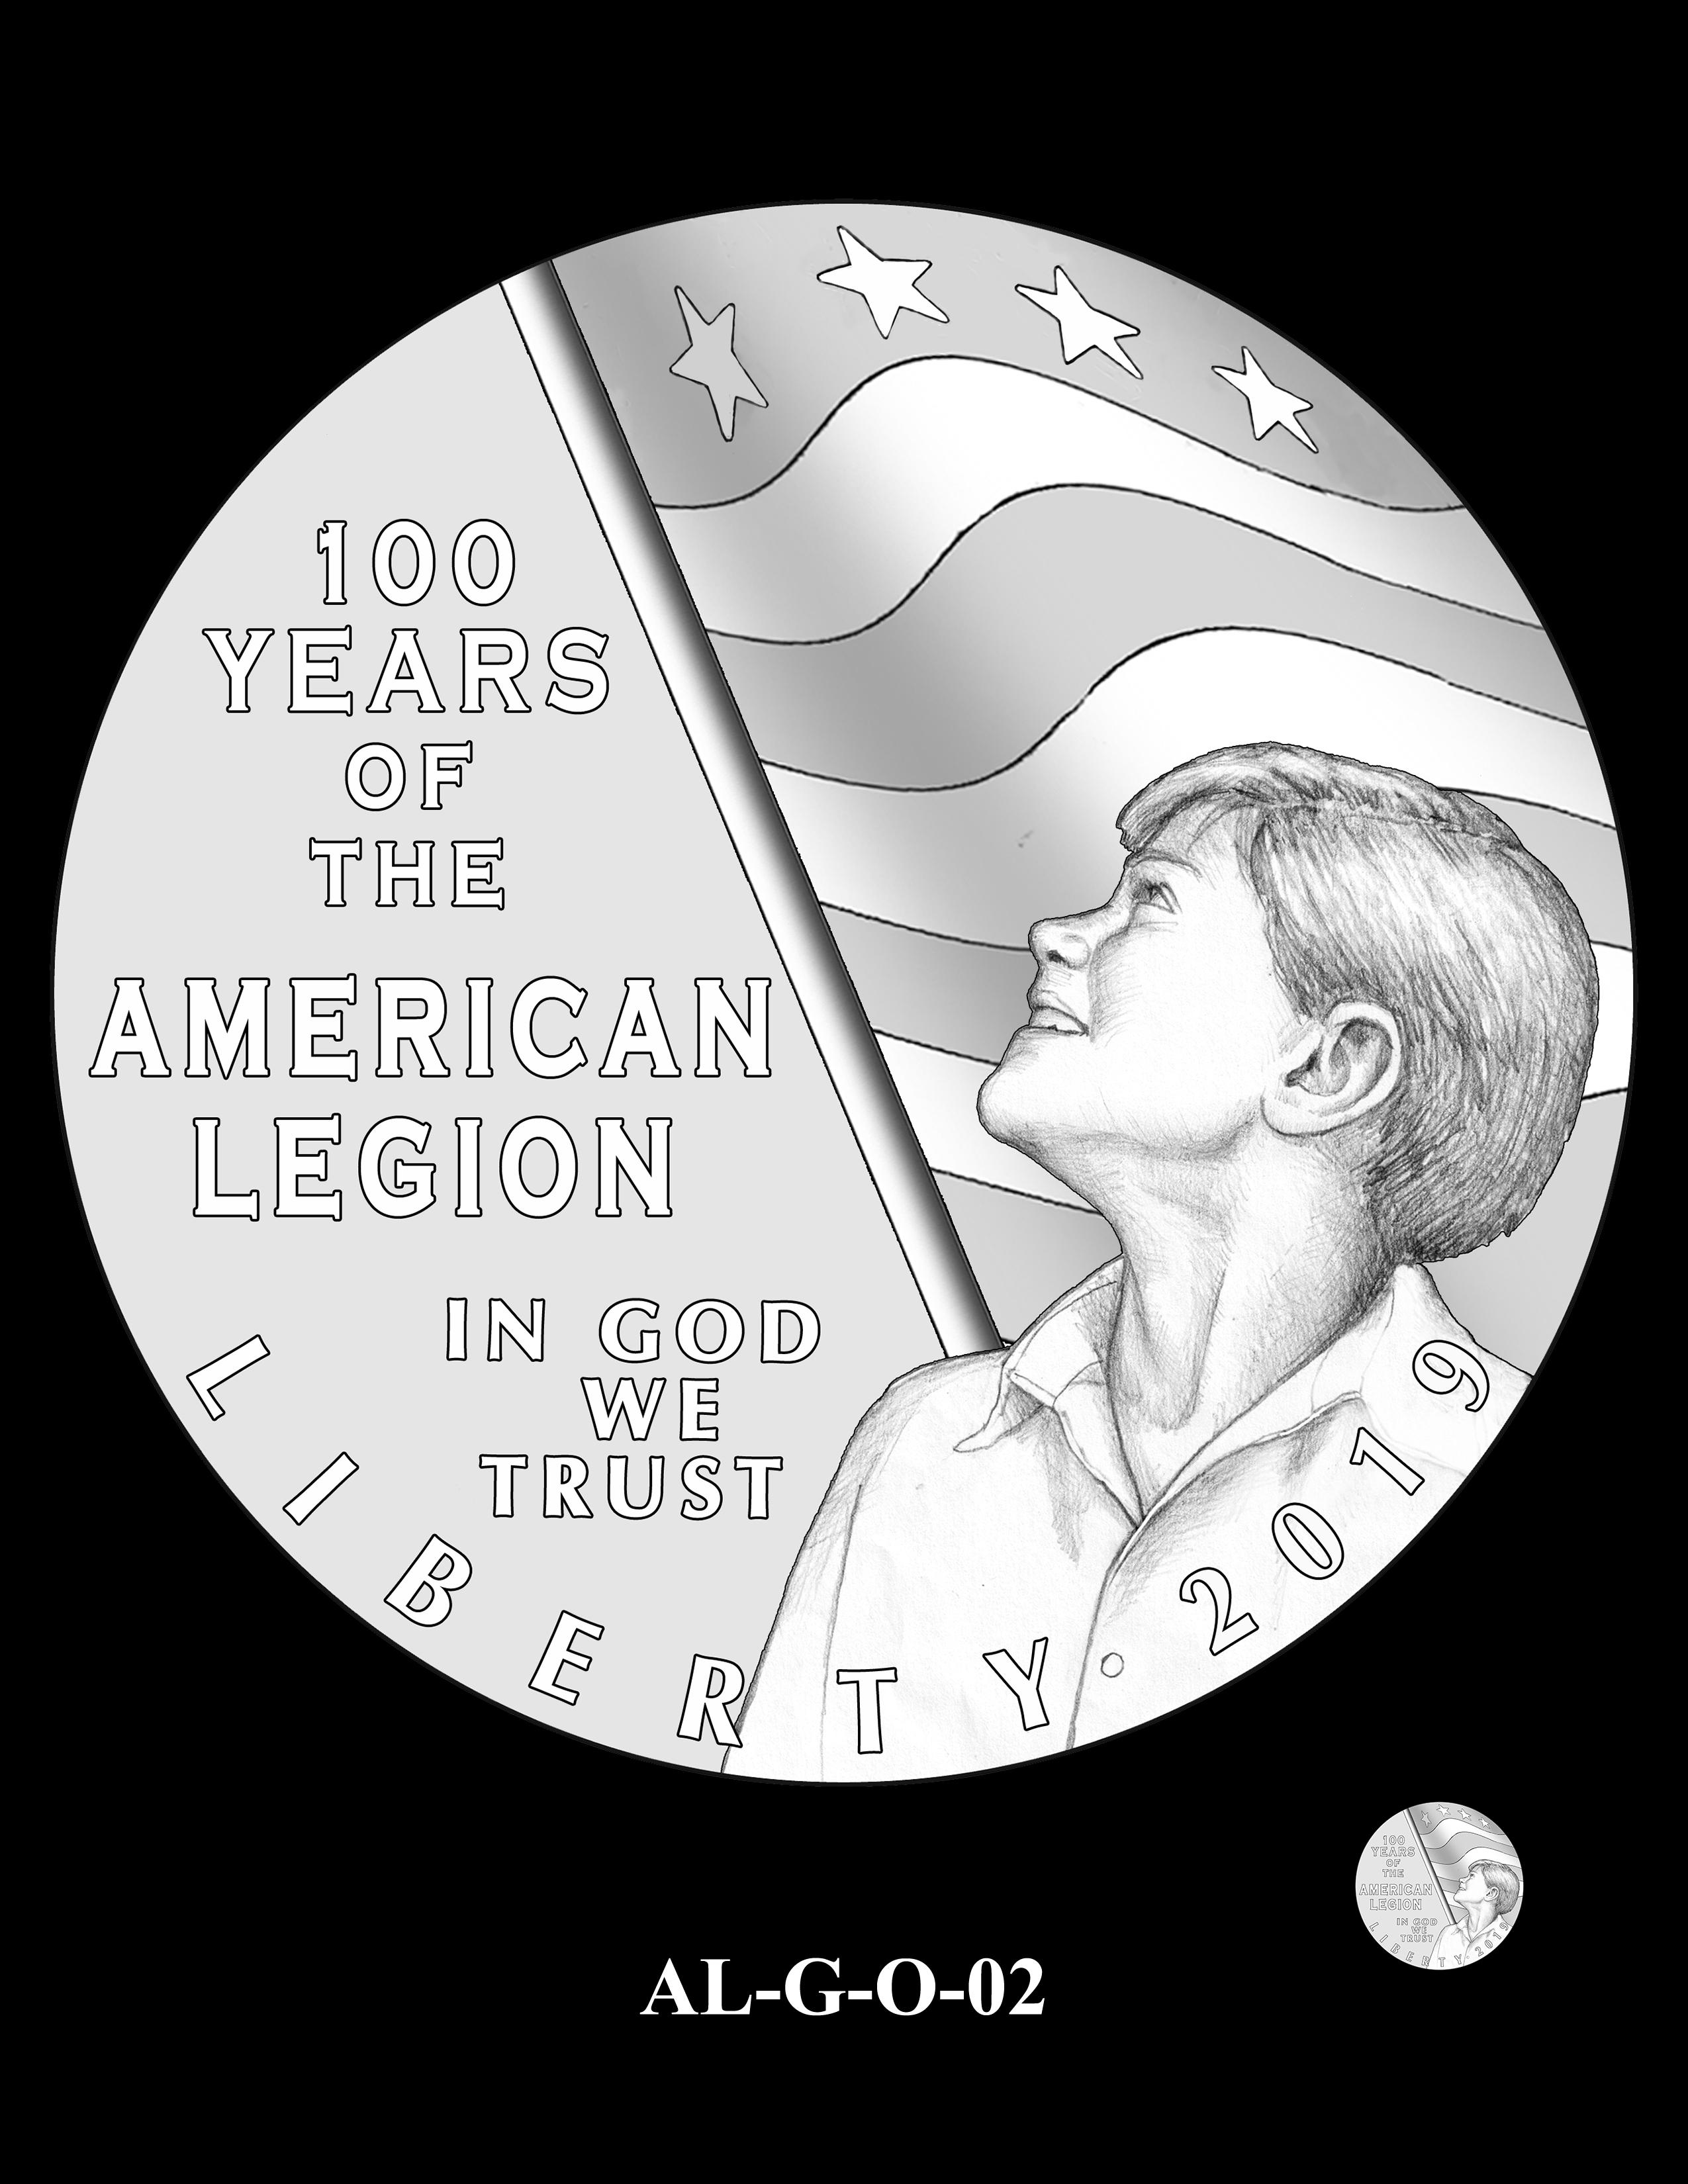 AL-G-O-02 -- 2019 American Legion 100th Anniversary Commemorative Coin Program - Gold Obverse